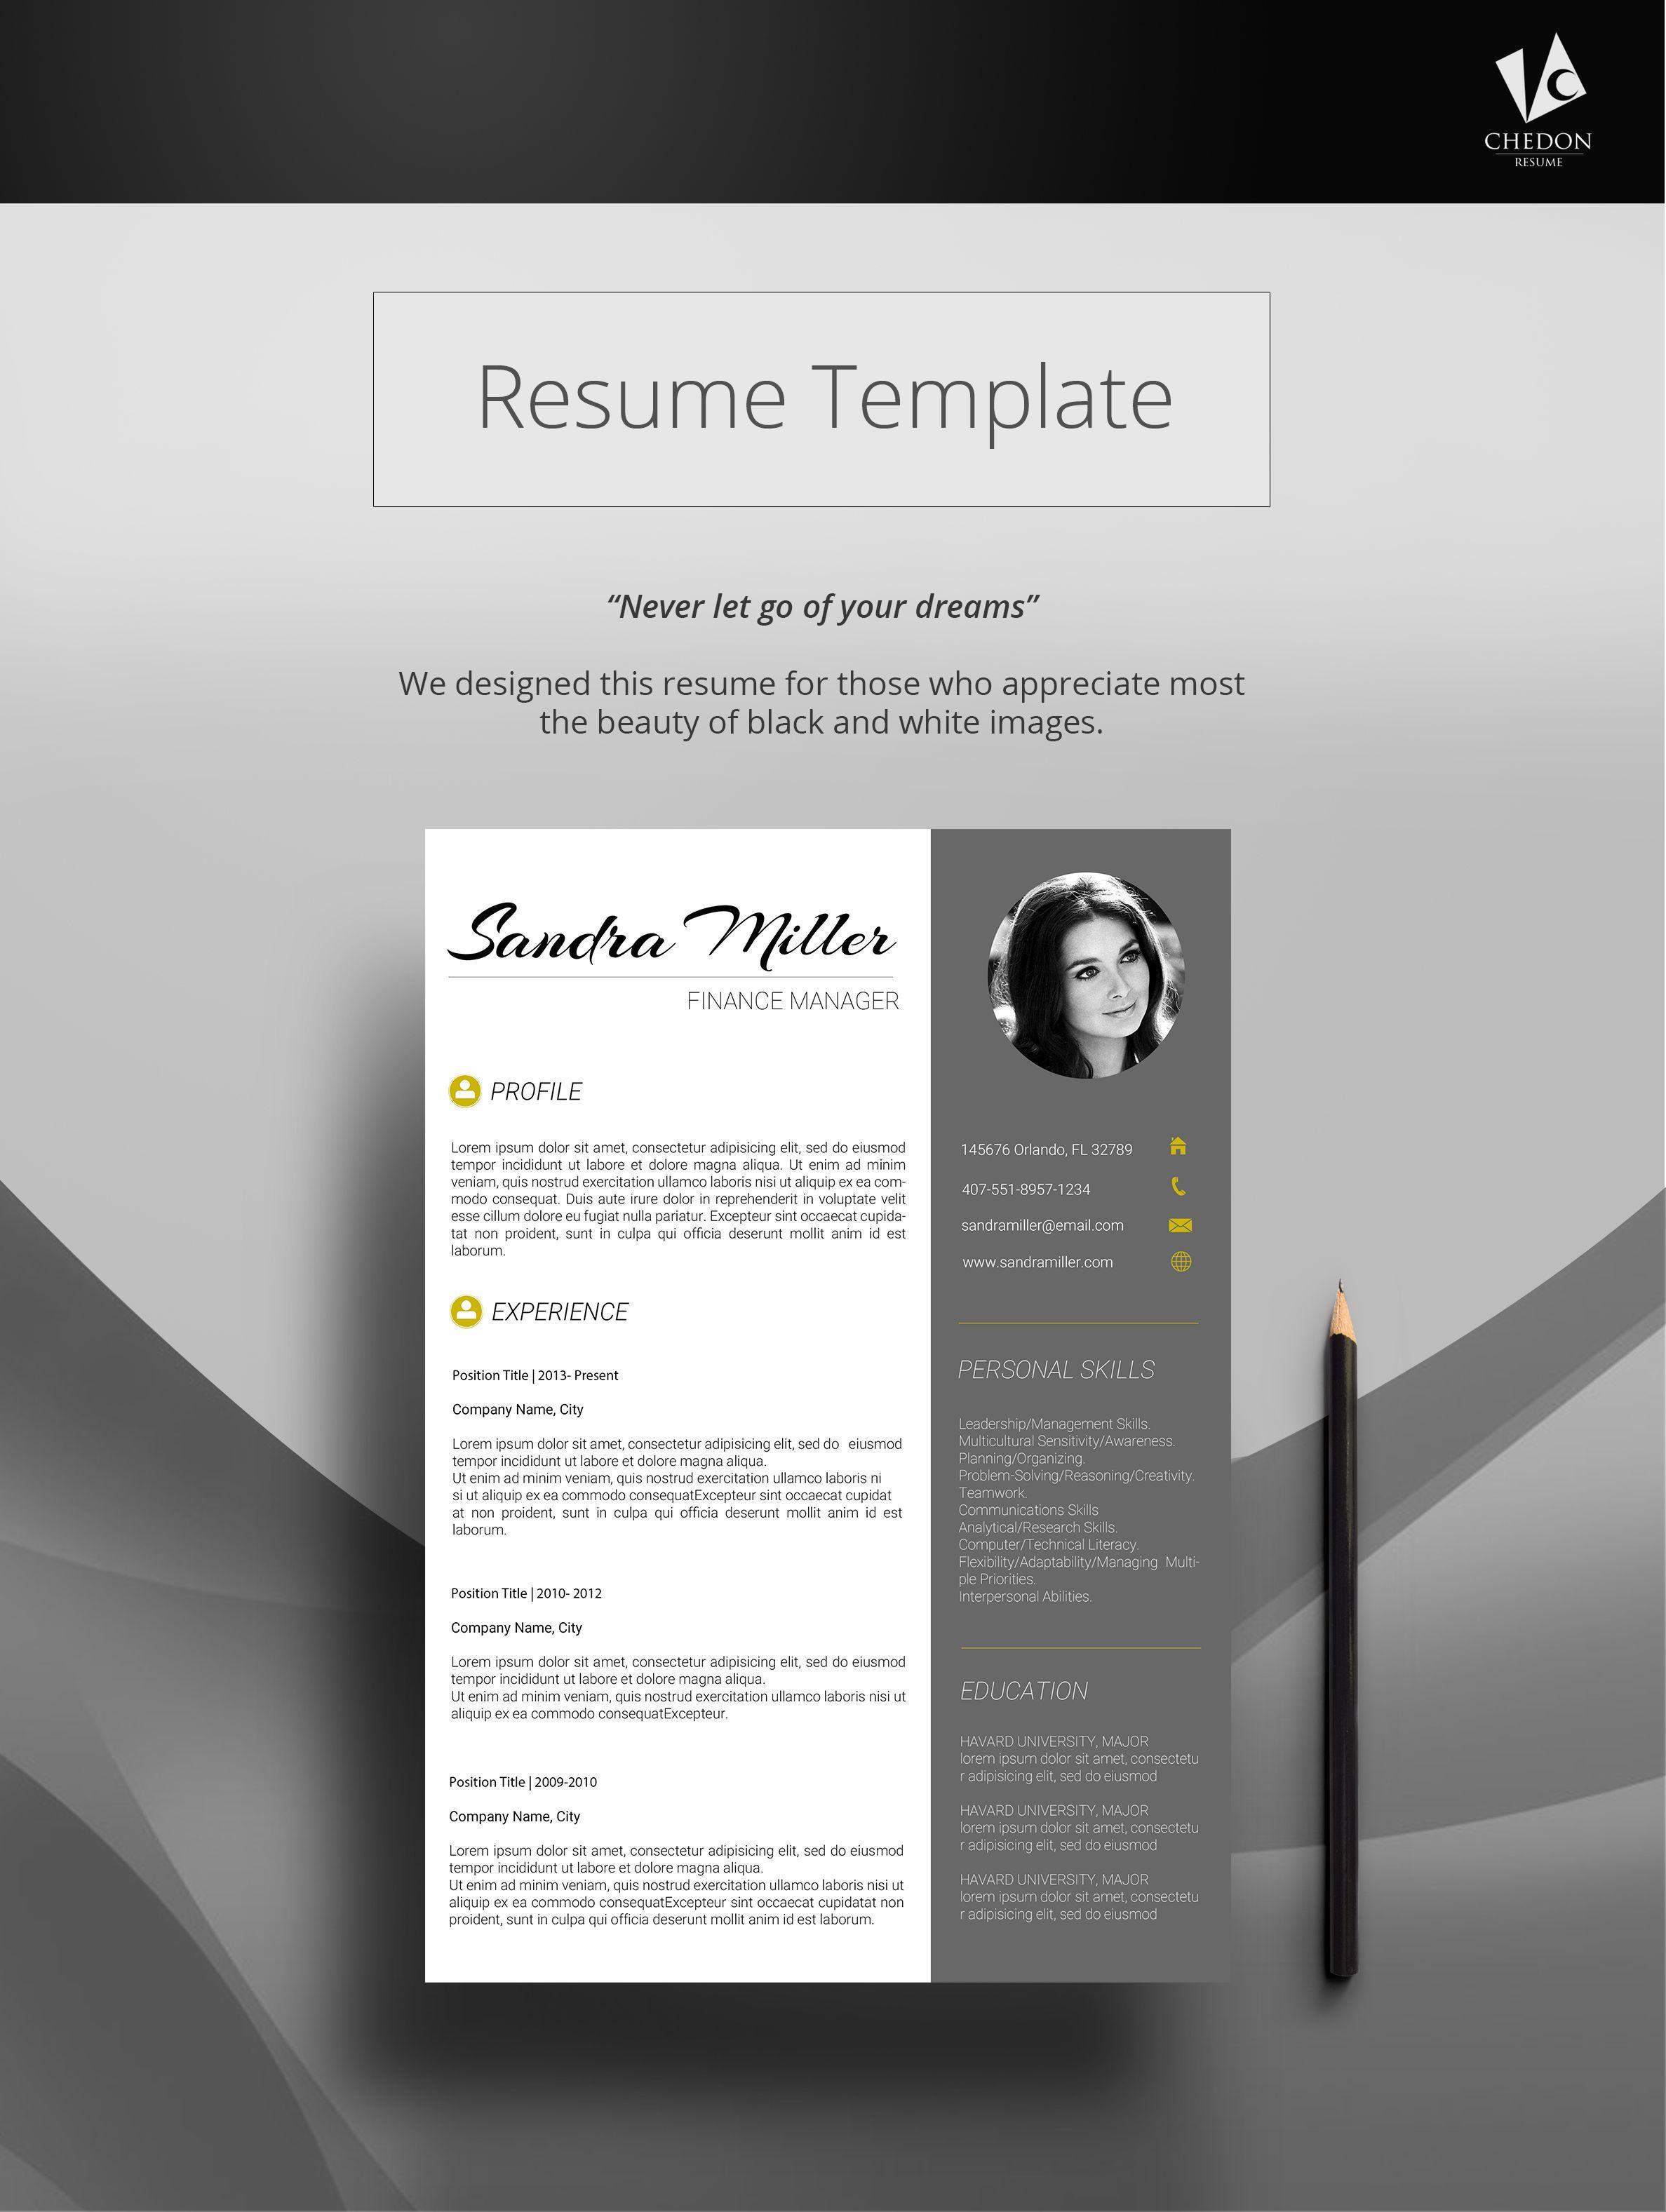 Clean Resume Cv Designs Professional Resume Designs Graphic Resume Quot Lux Quot Resume Template Resume Design Resume